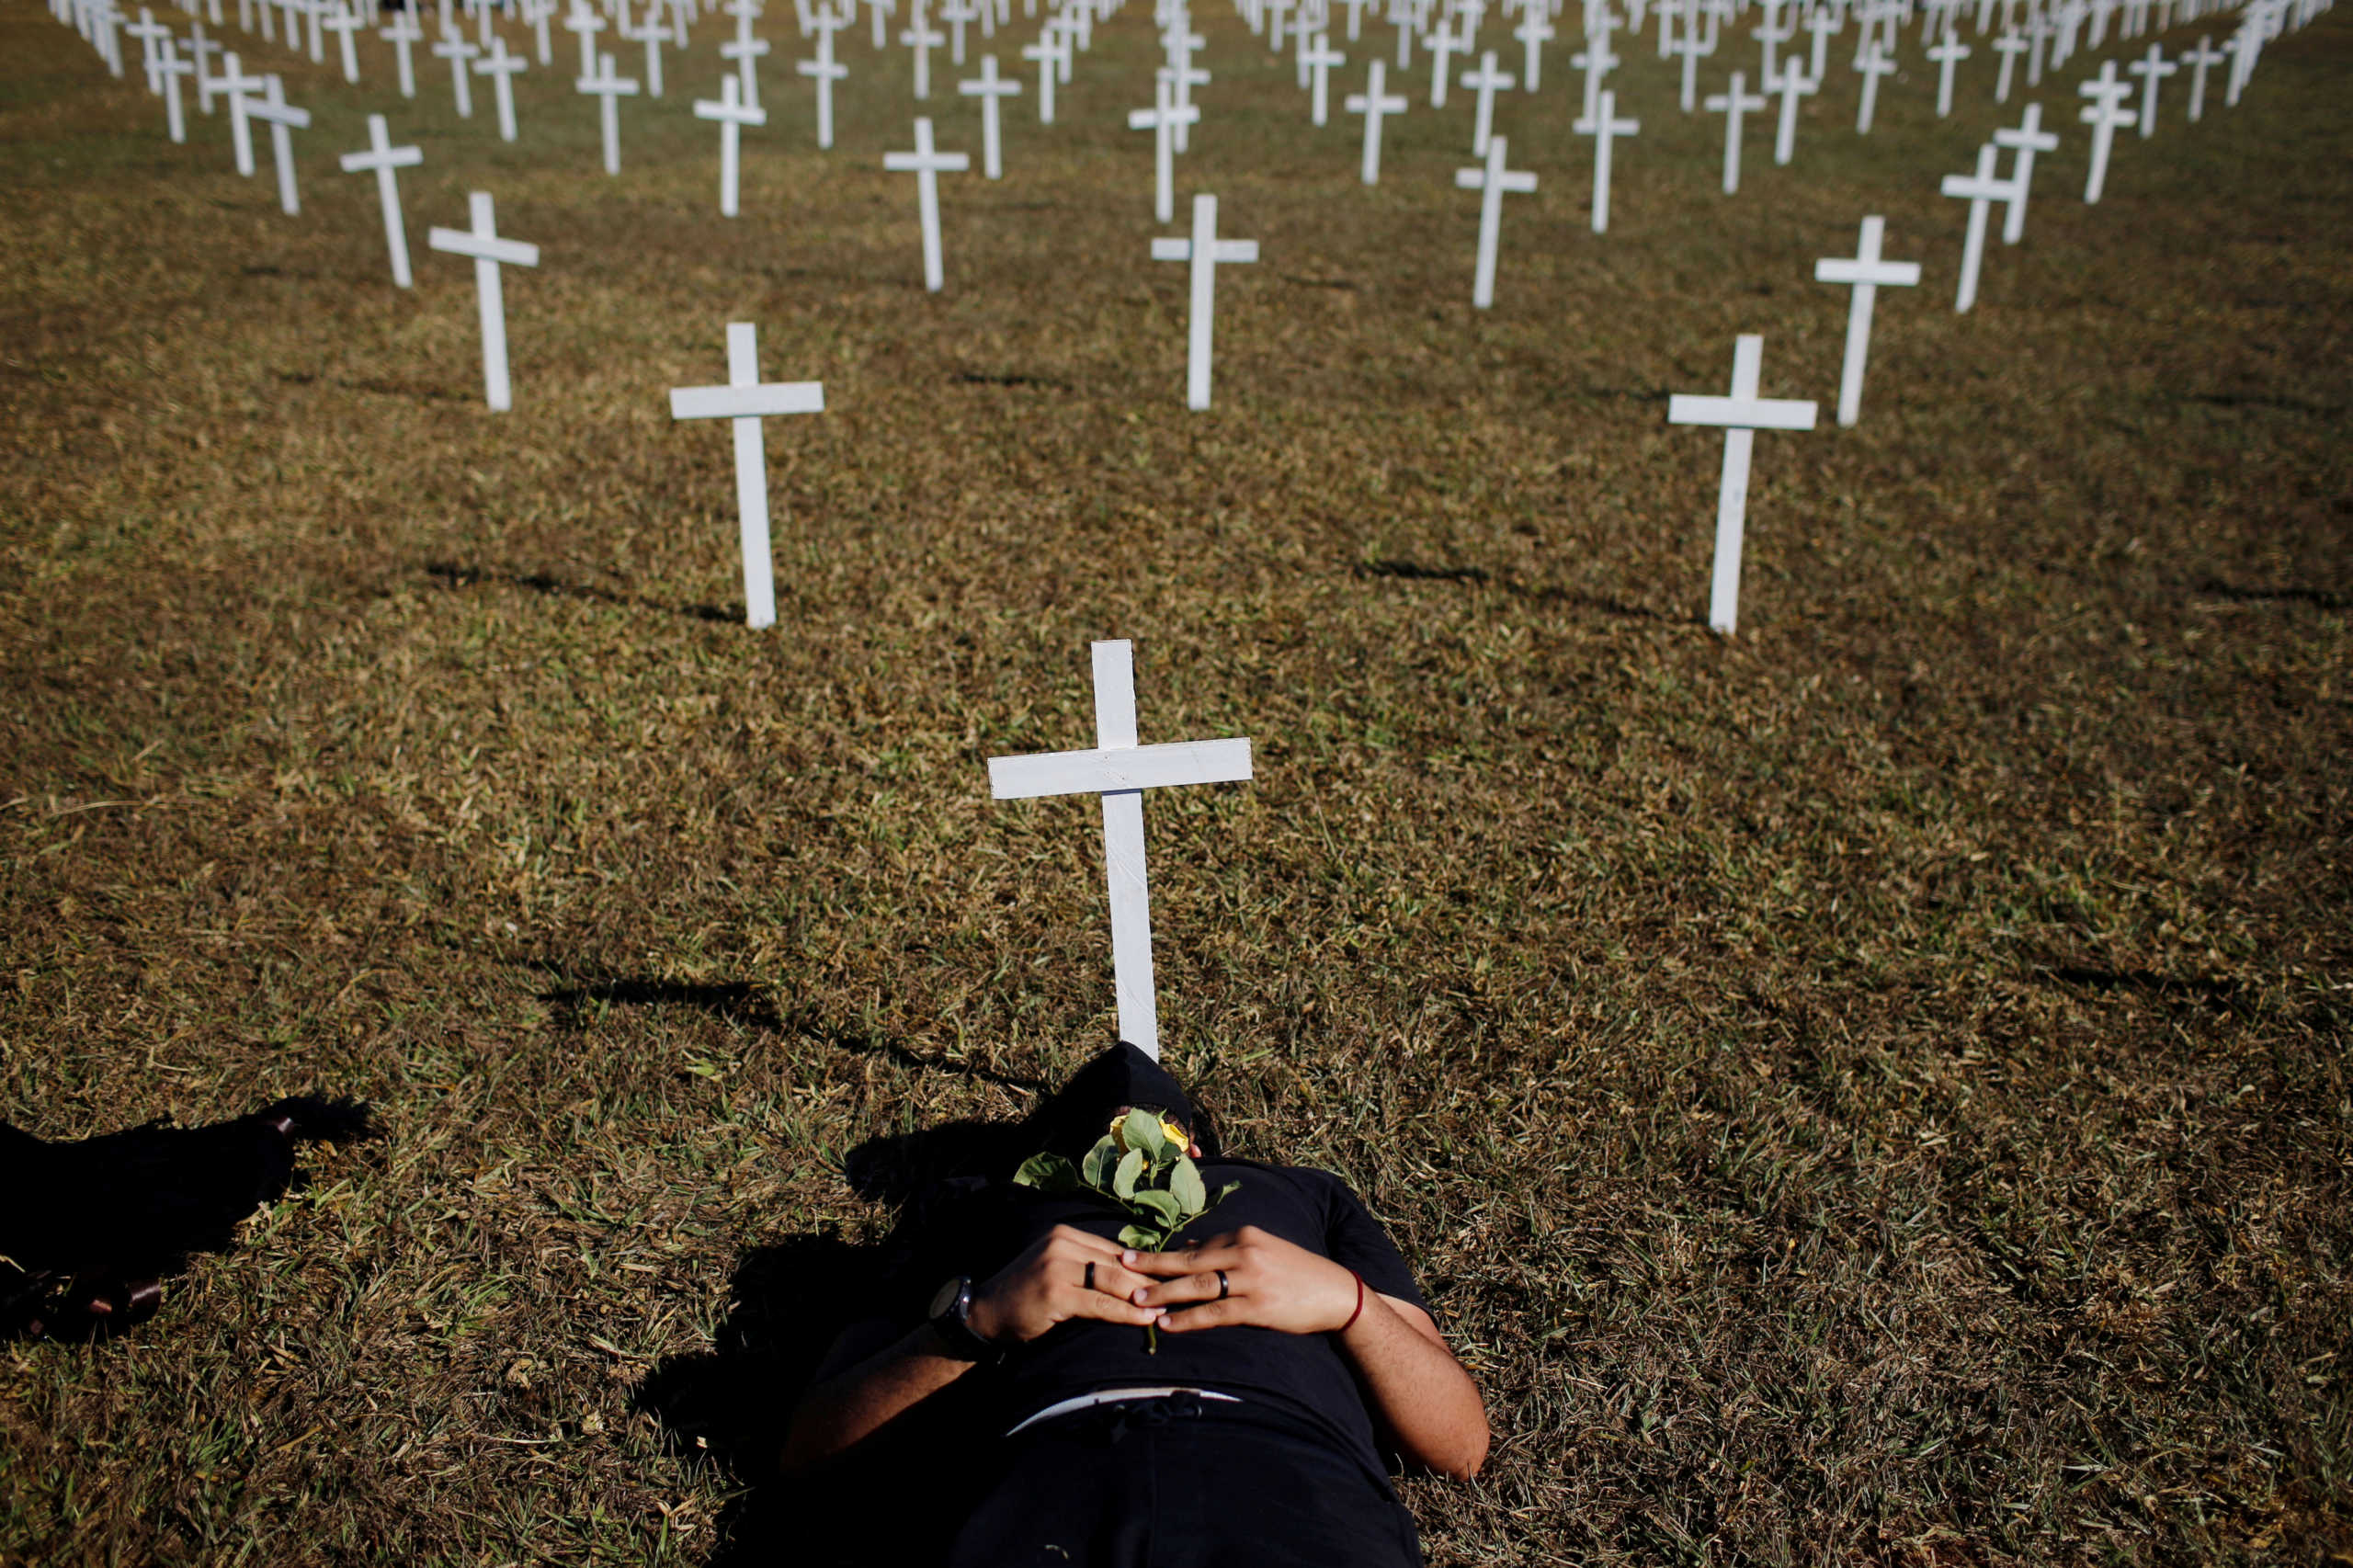 Κορονοϊός: Πάνω από 2,8 εκατ. θανάτους και 130 εκατ. κρούσματα παγκοσμίως